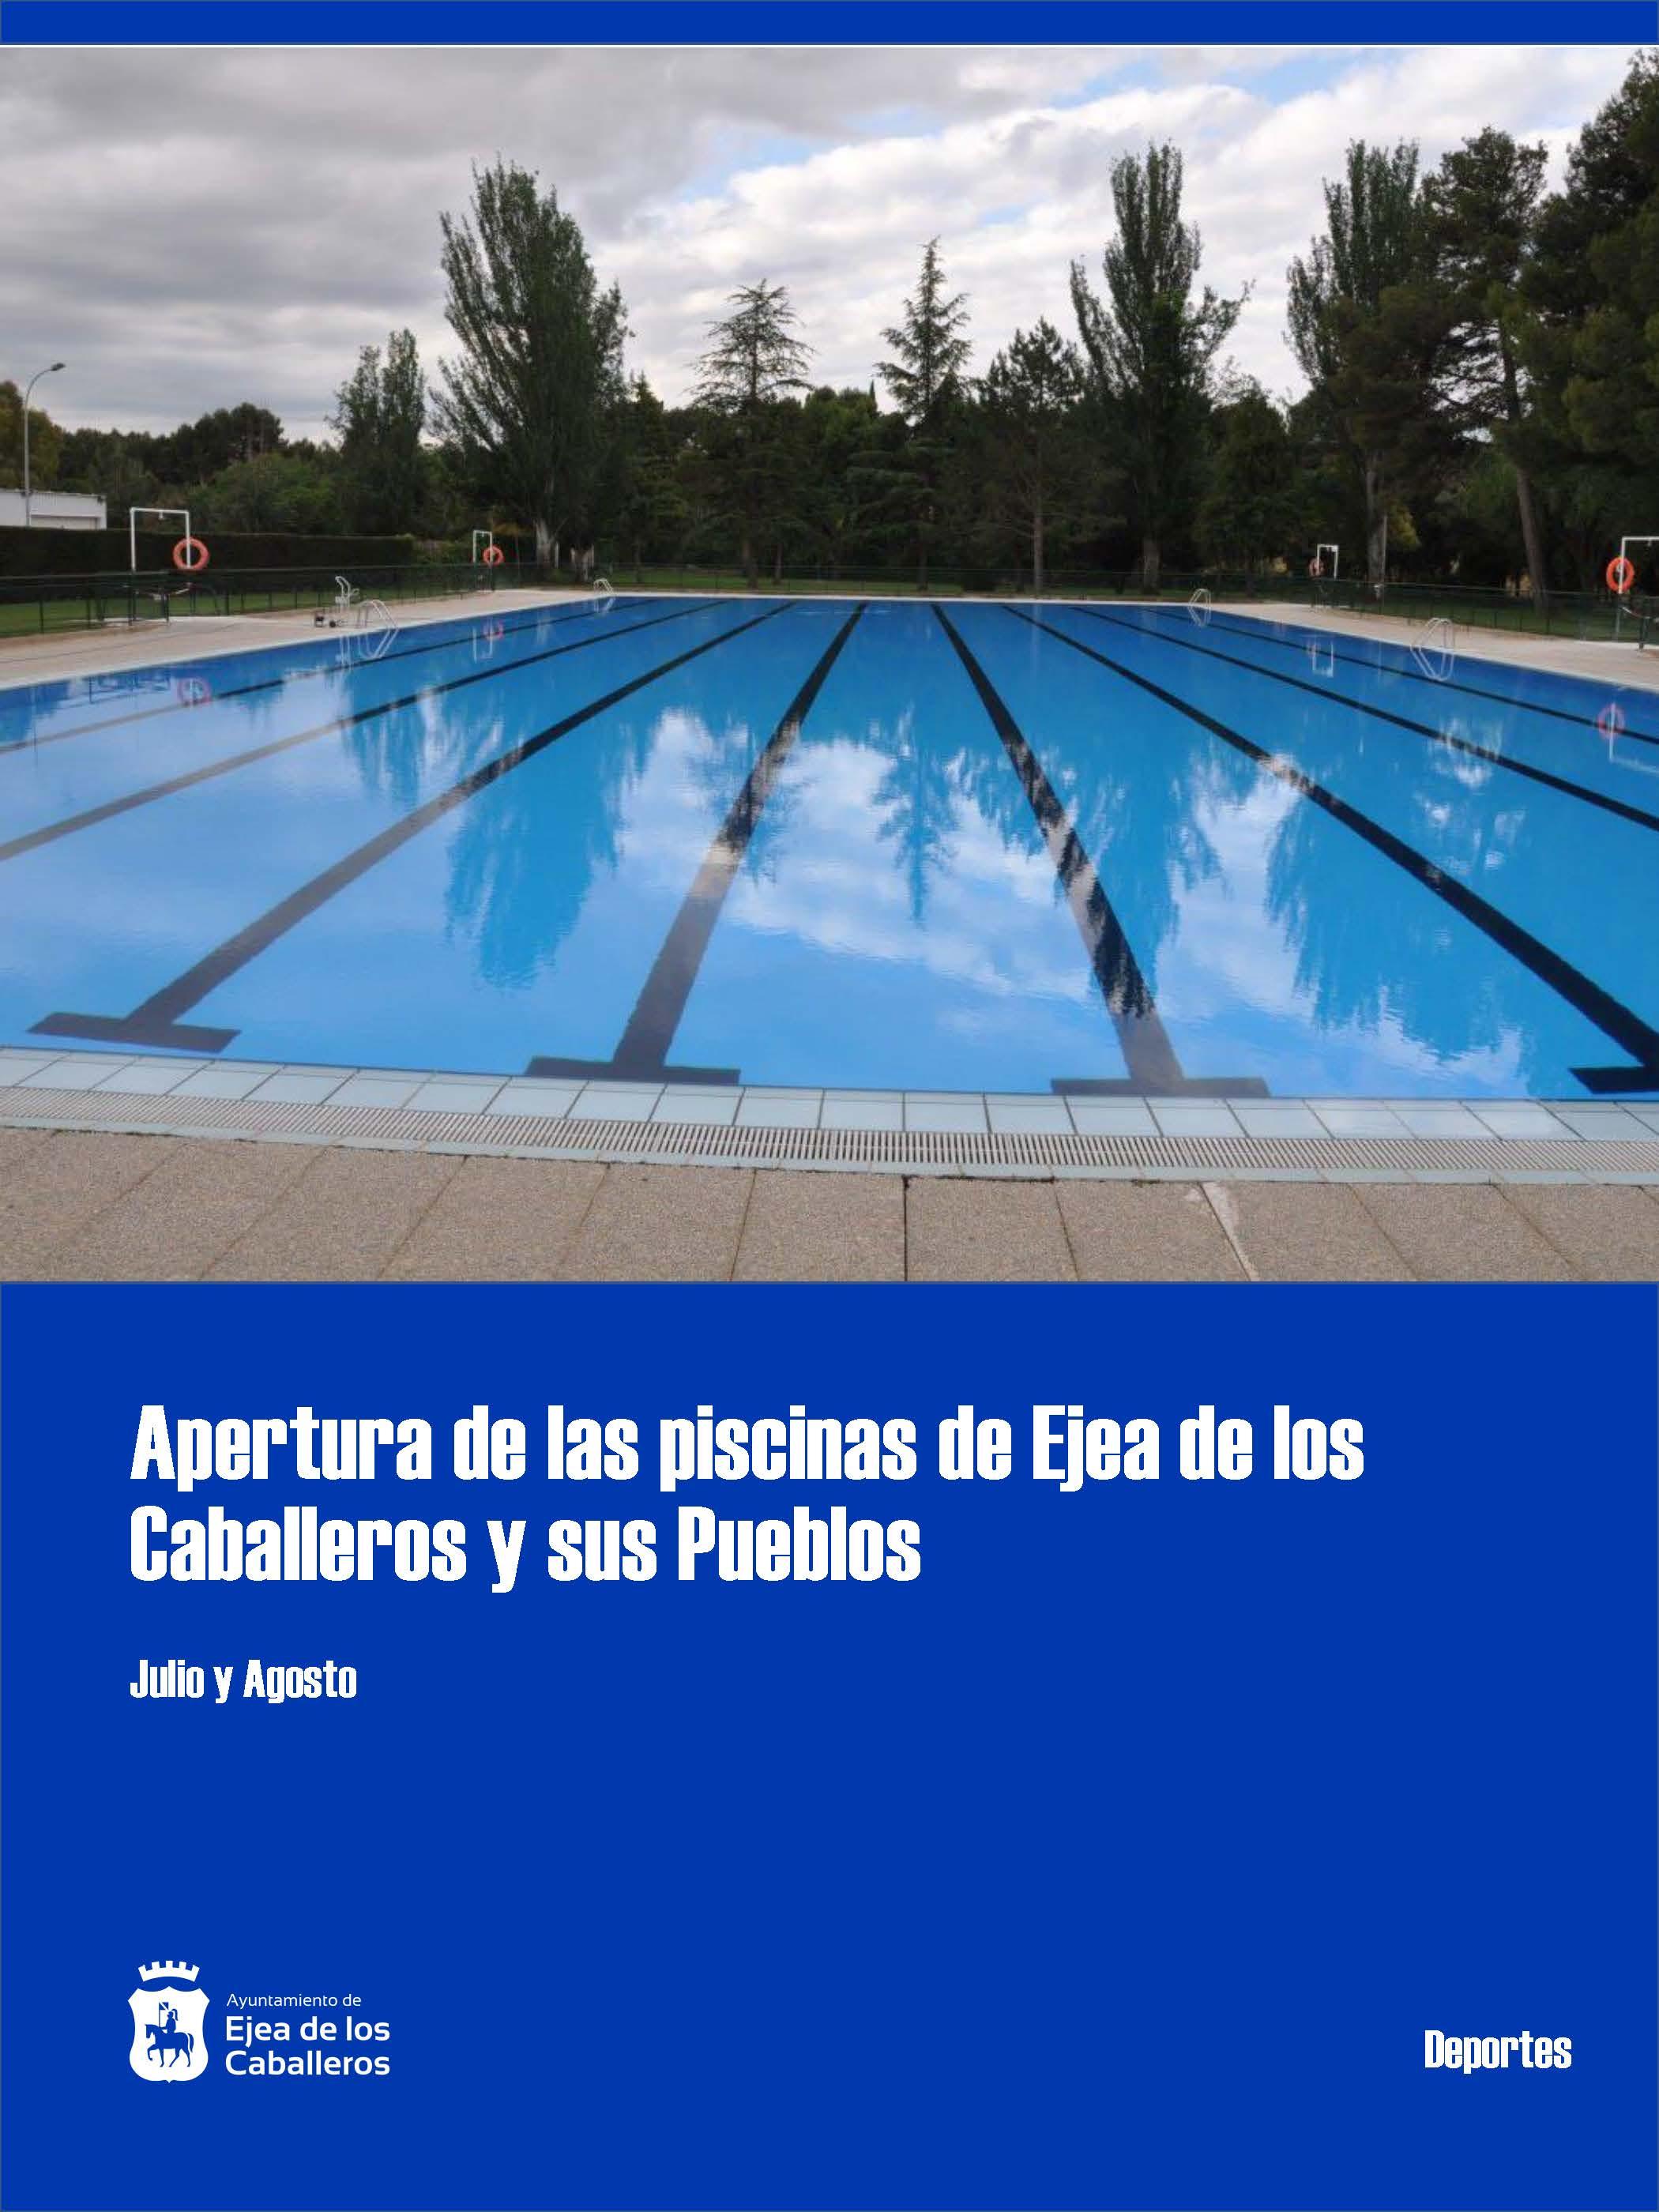 2.671 personas disfrutarán de las piscinas municipales de Ejea de los Caballeros y sus Pueblos con medidas especiales frente a la COVID-19